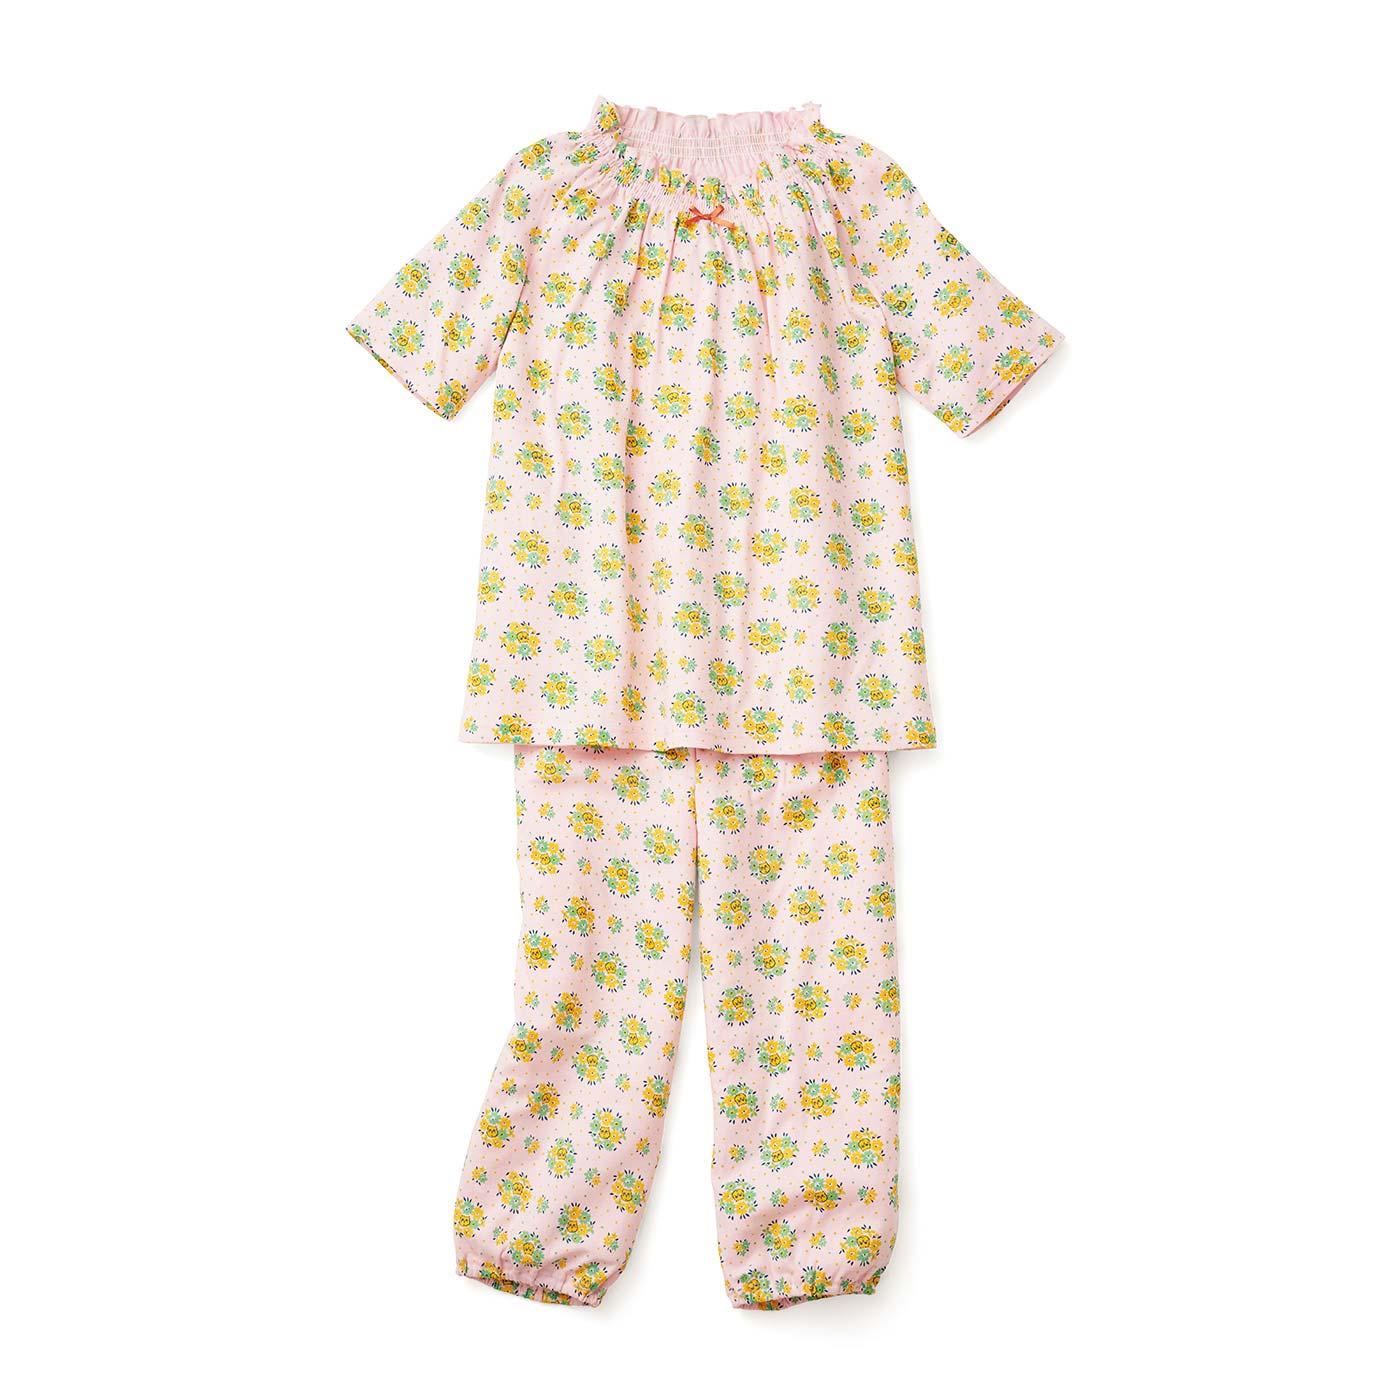 フェリシモキッズ×猫部 お花柄の中に猫がひそむパジャマ〈レディース〉〈ピンク〉